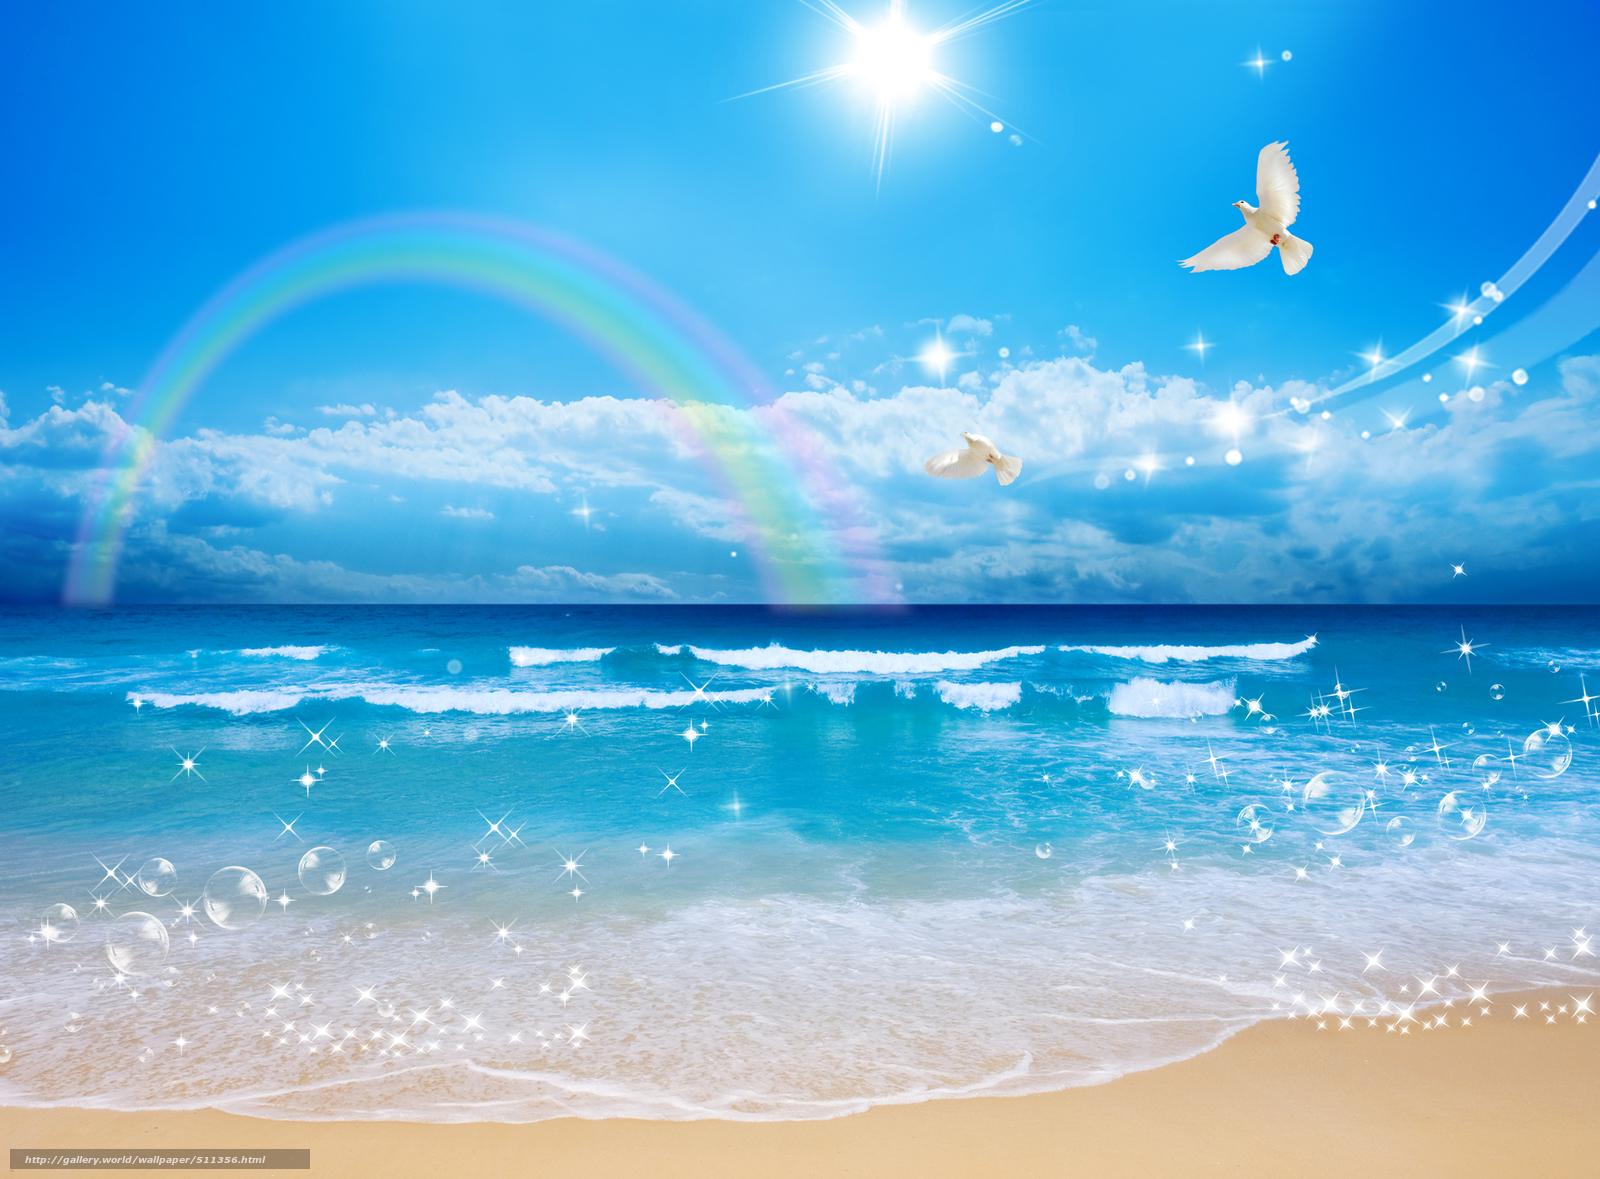 Скачать обои пейзаж,  море,  волны,  красота бесплатно для рабочего стола в разрешении 3800x2800 — картинка №511356